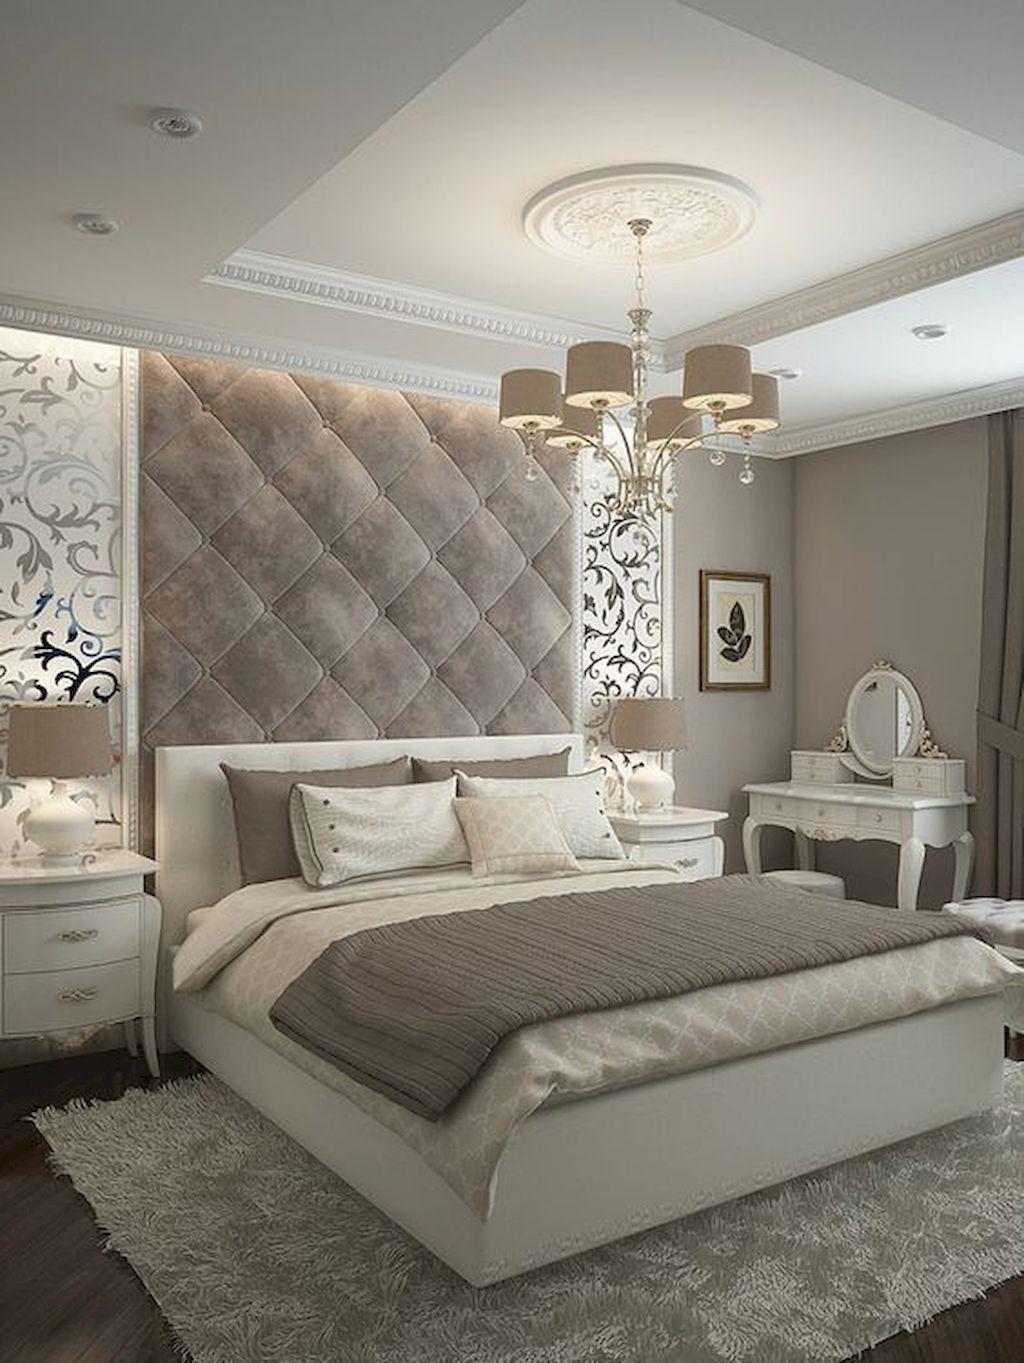 Home Style - Azyok